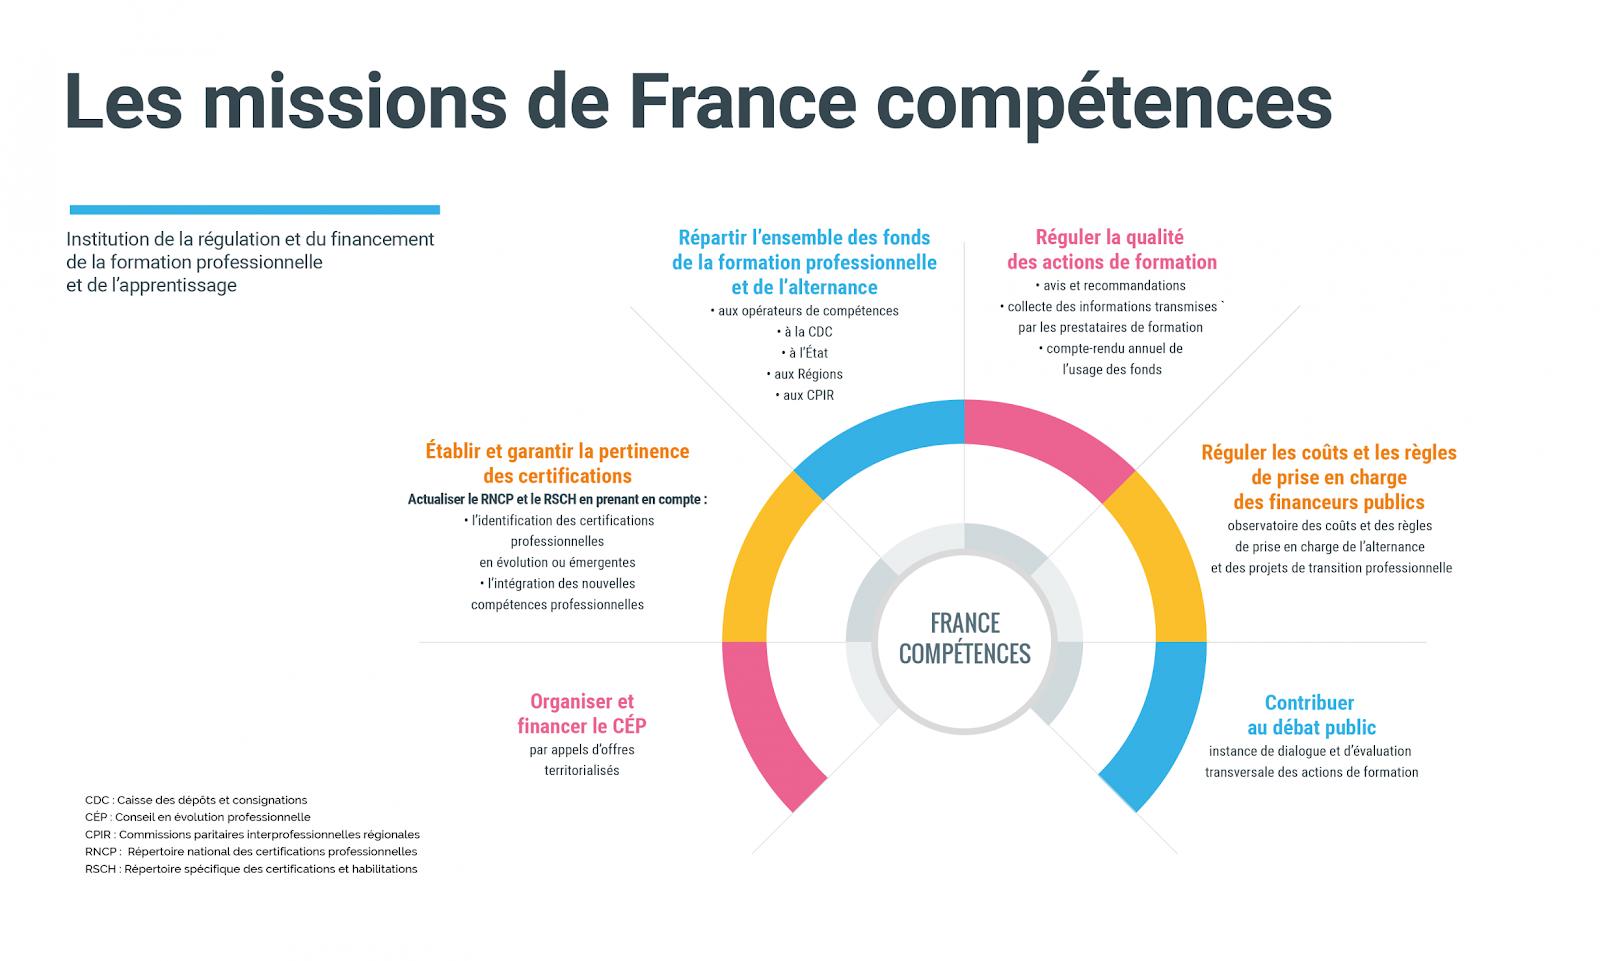 Les missions de France compétence dans la réforme de la formation professionnelle